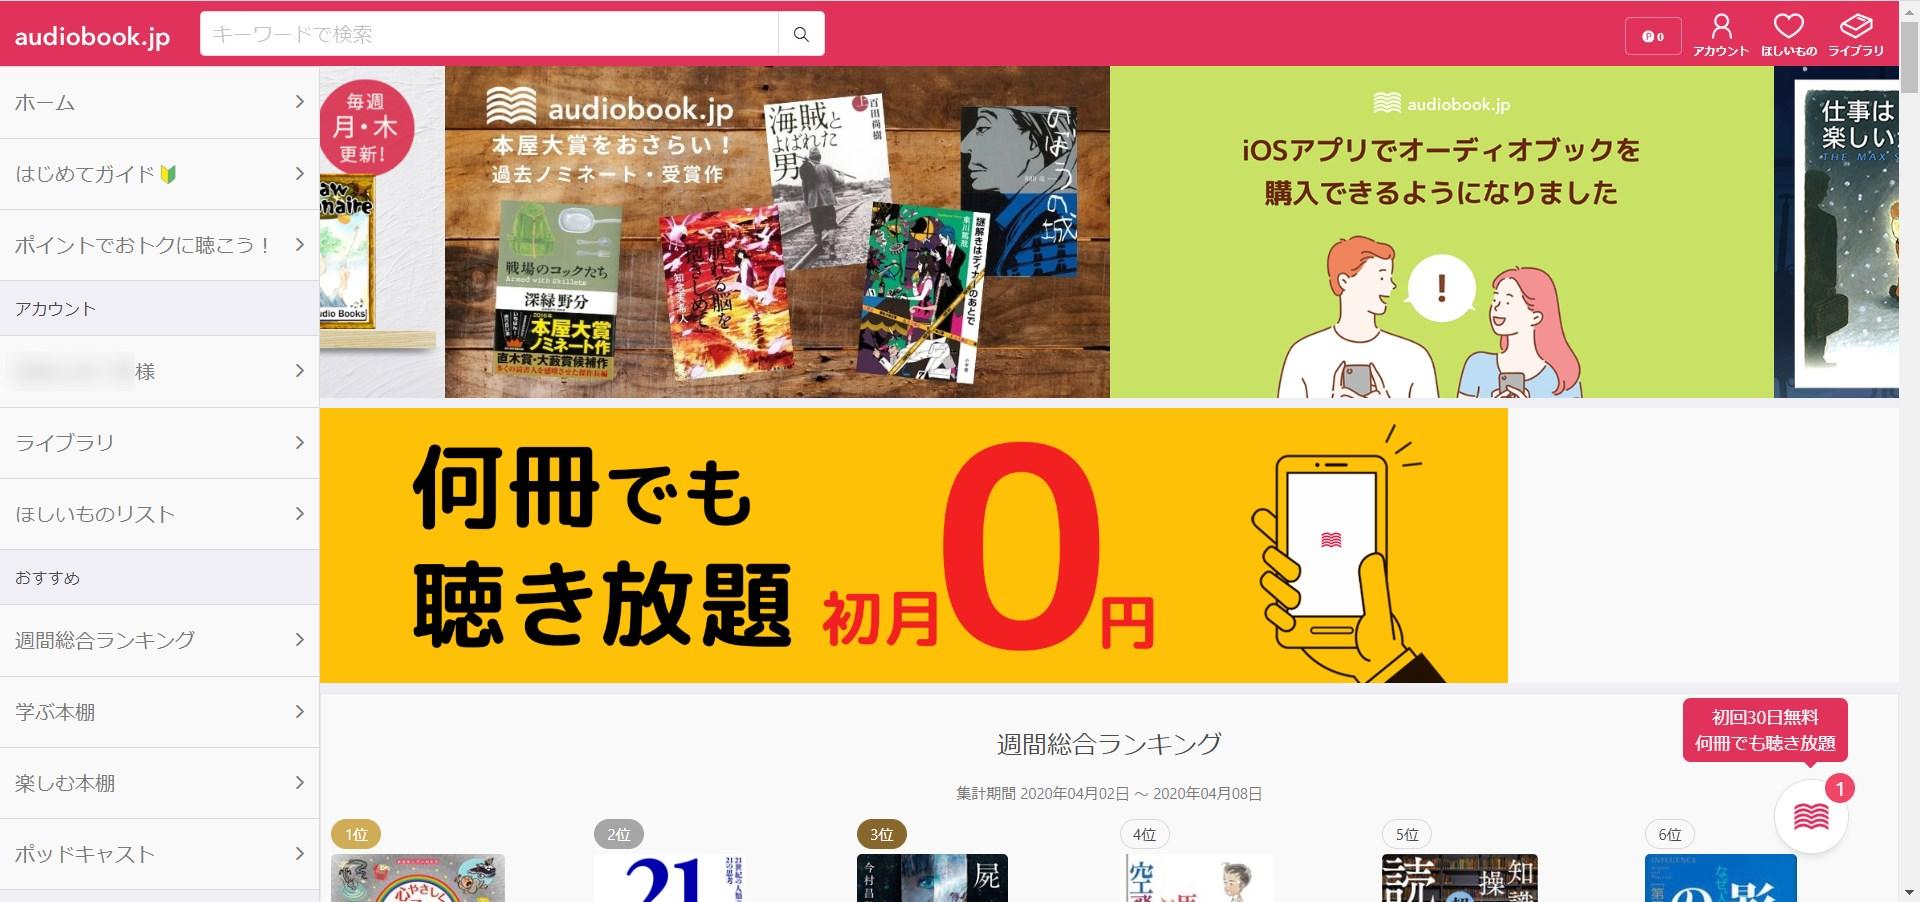 audiobook.jpサイトトップページ